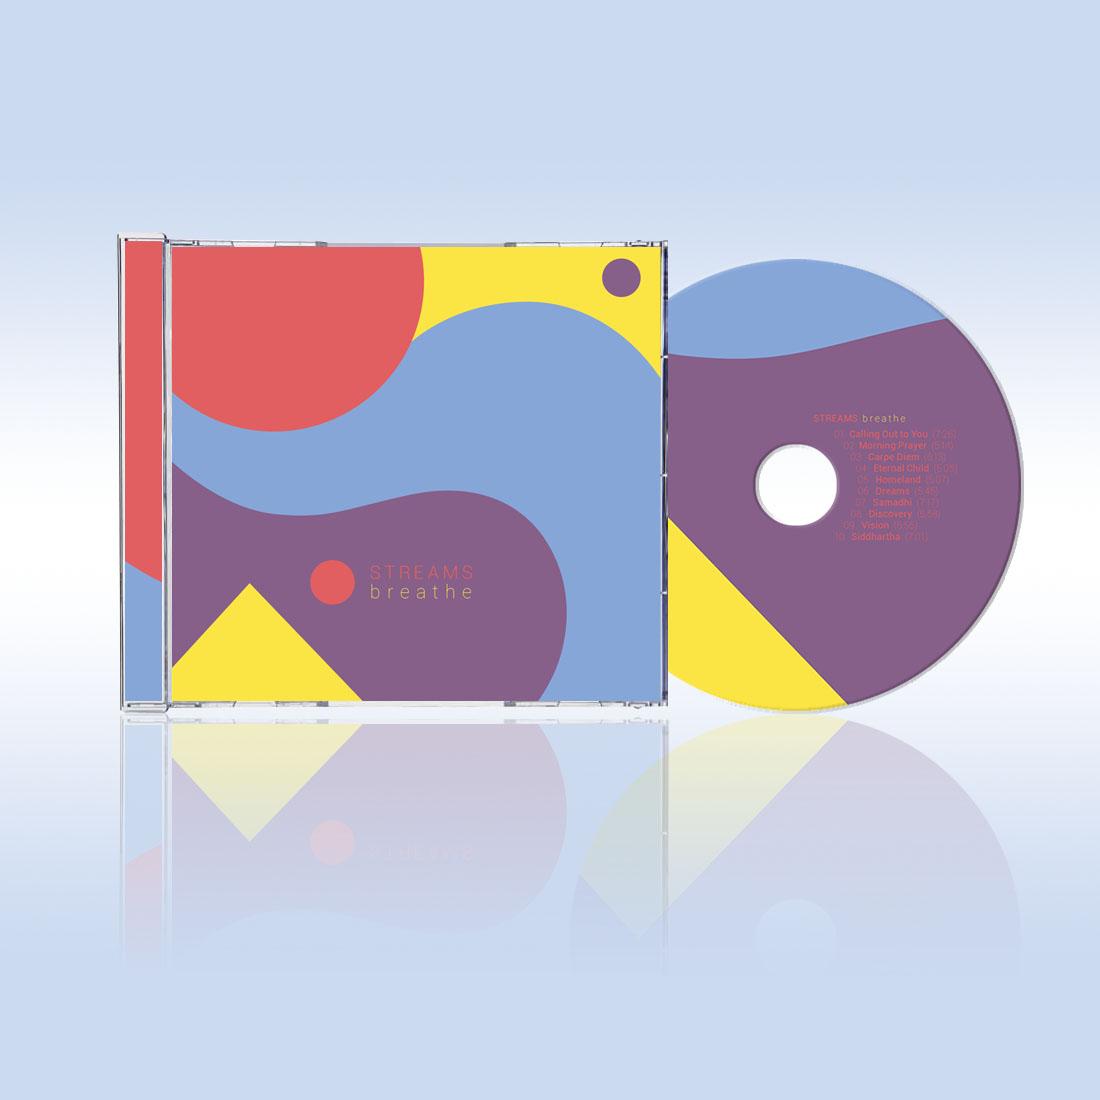 Moon Cube Design, Graphic Design. Album Art, Relaxation music.